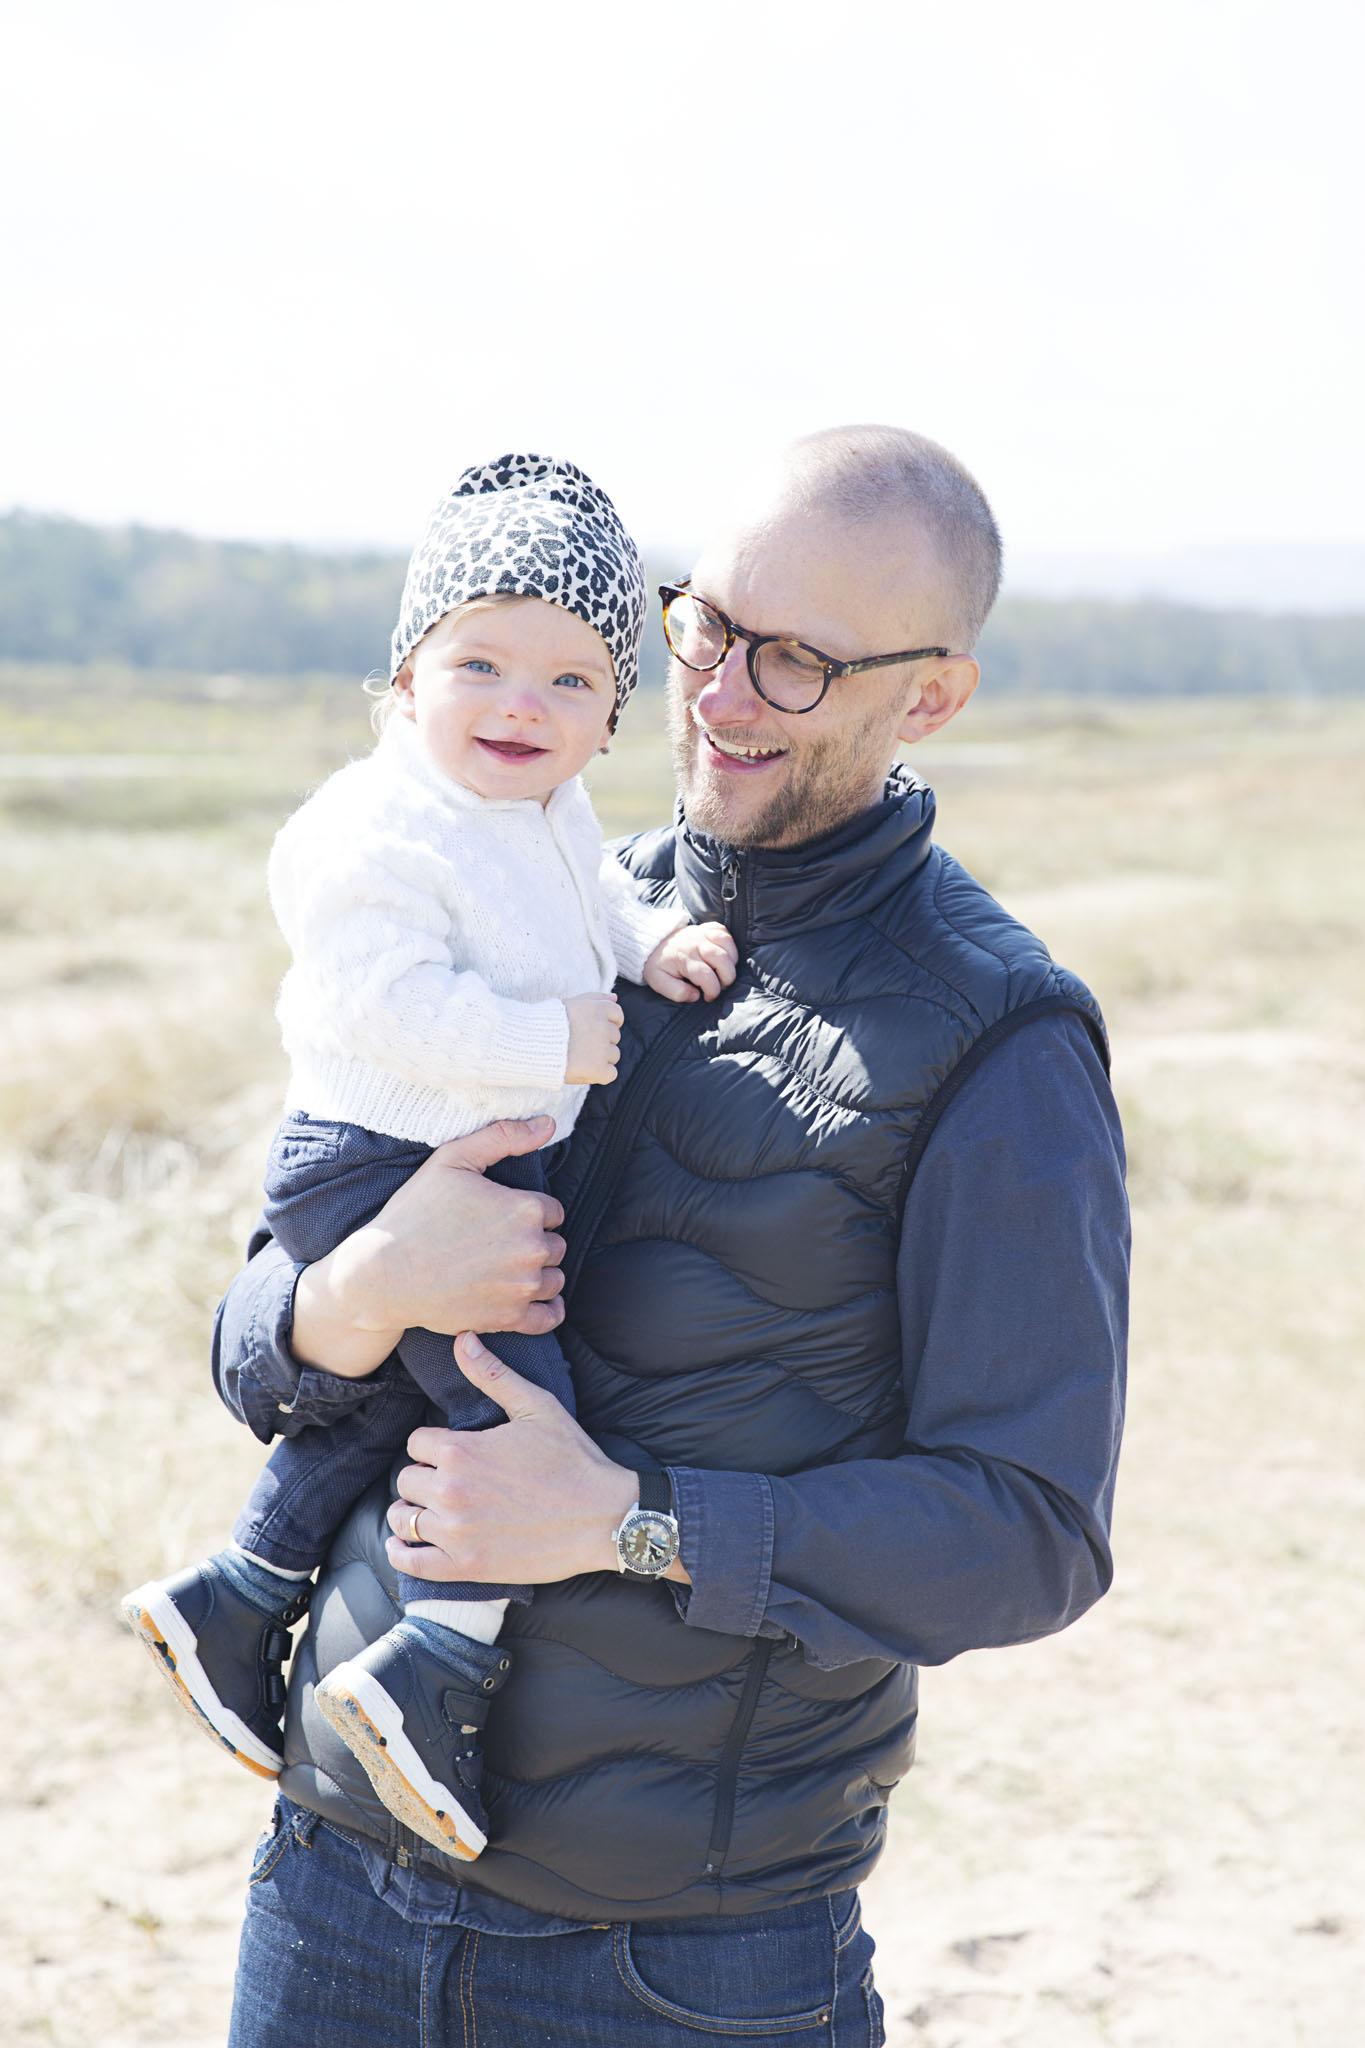 Familjefotografering i Laholm hos familjefotografen fotograf emy